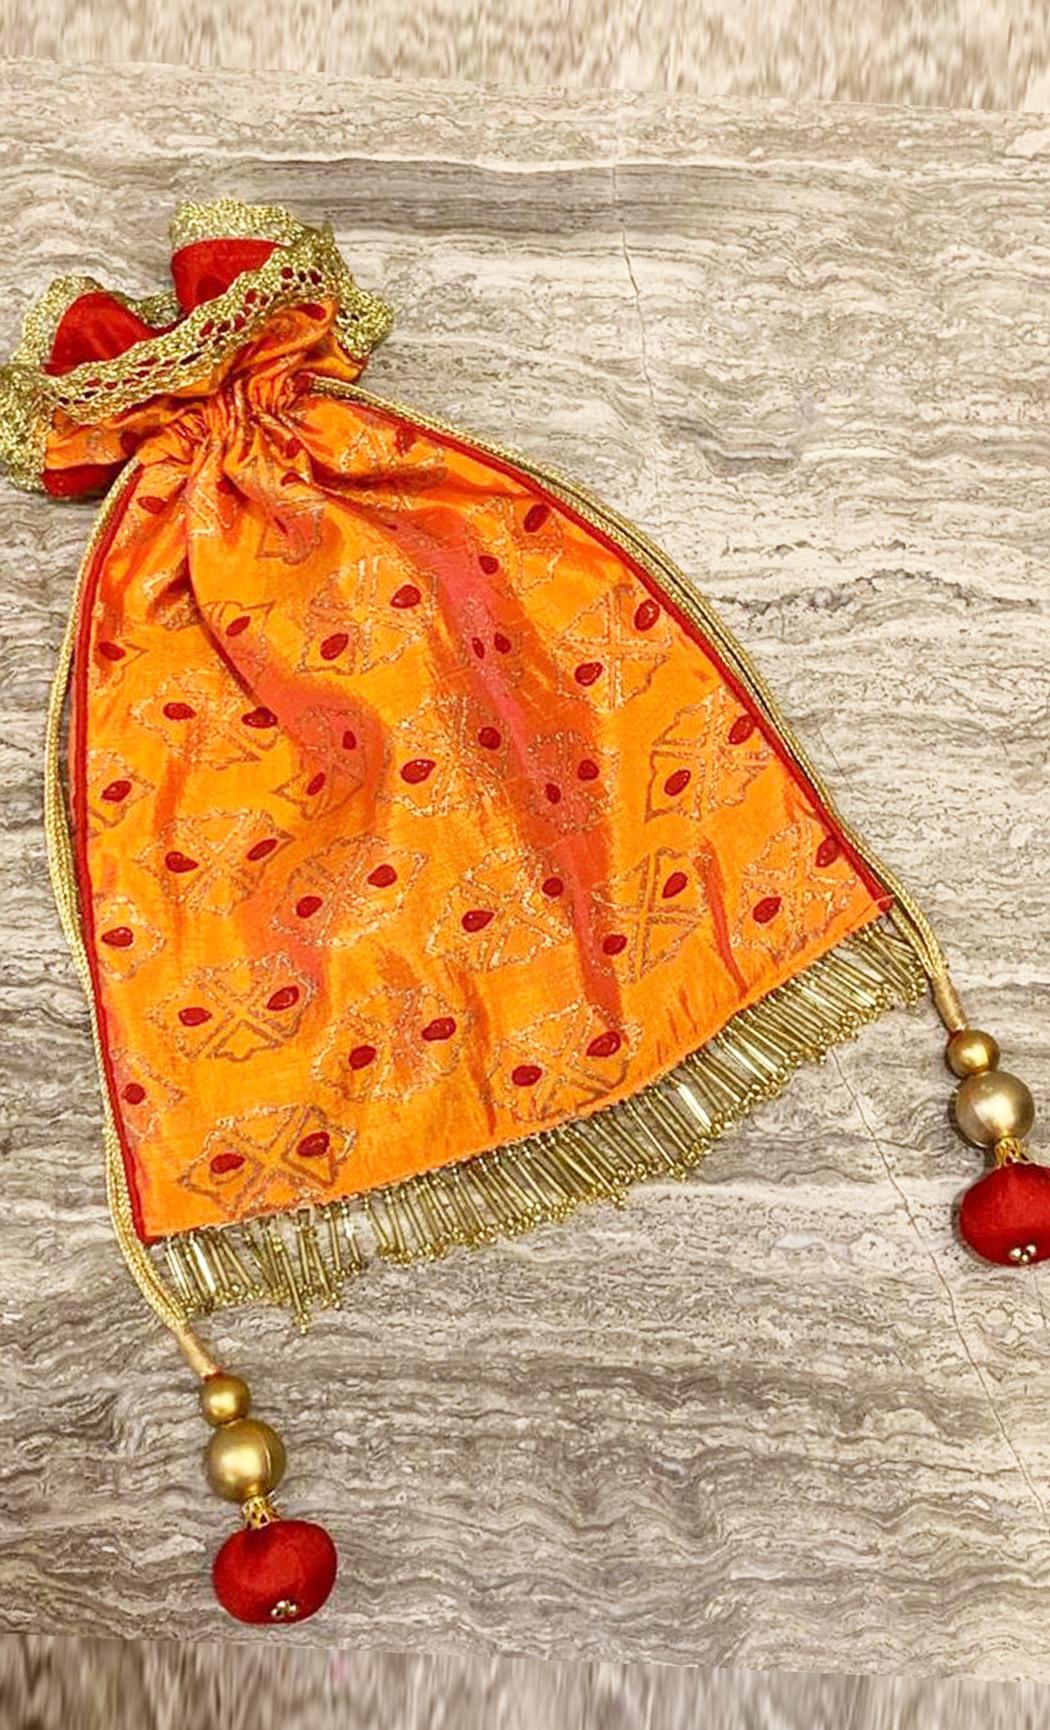 Orange and Red Printed Potli - Buy Online